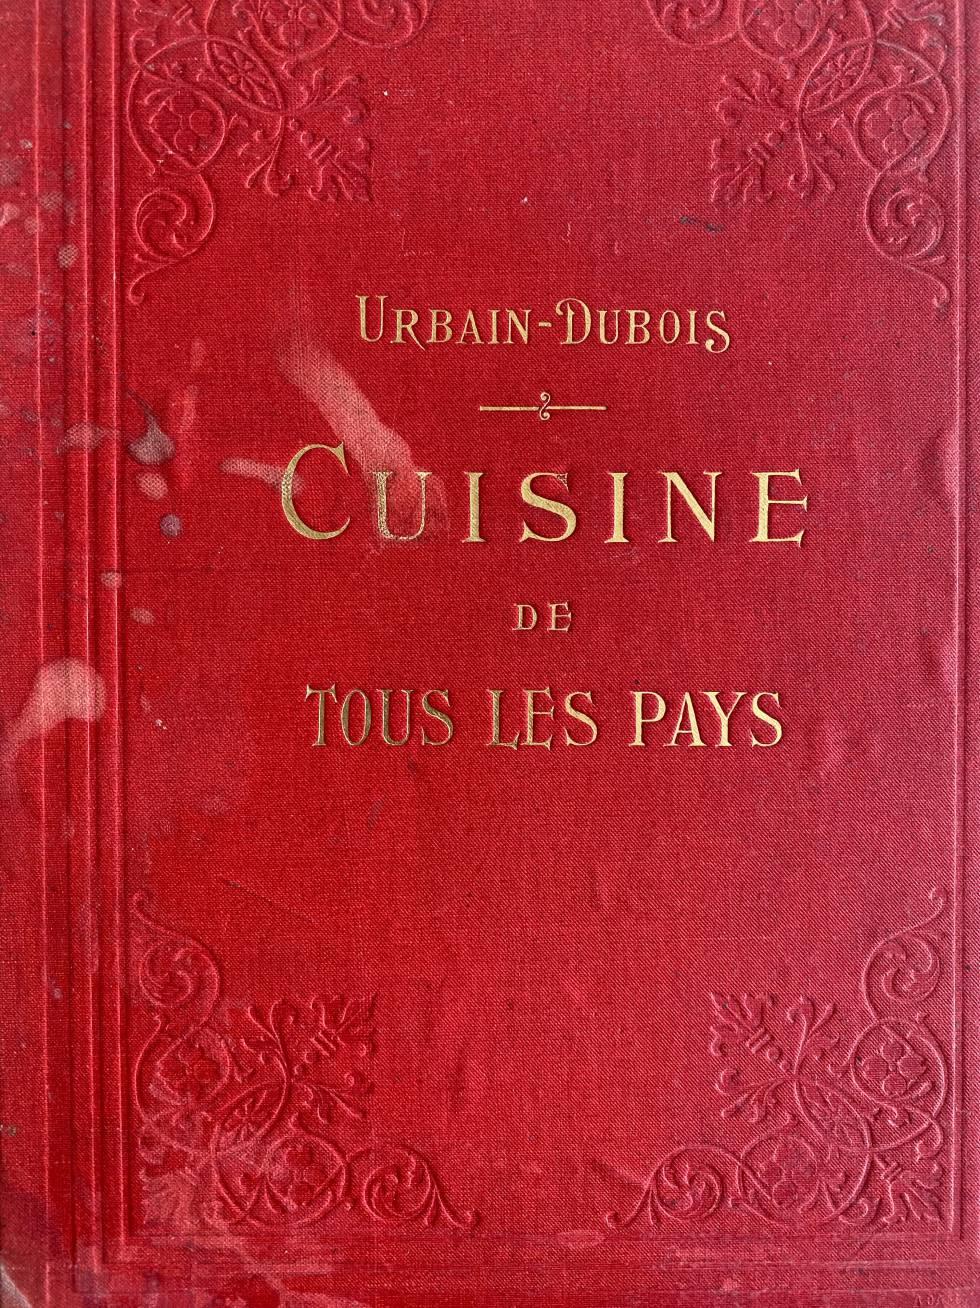 Libro de cocina de Urban Dubois,